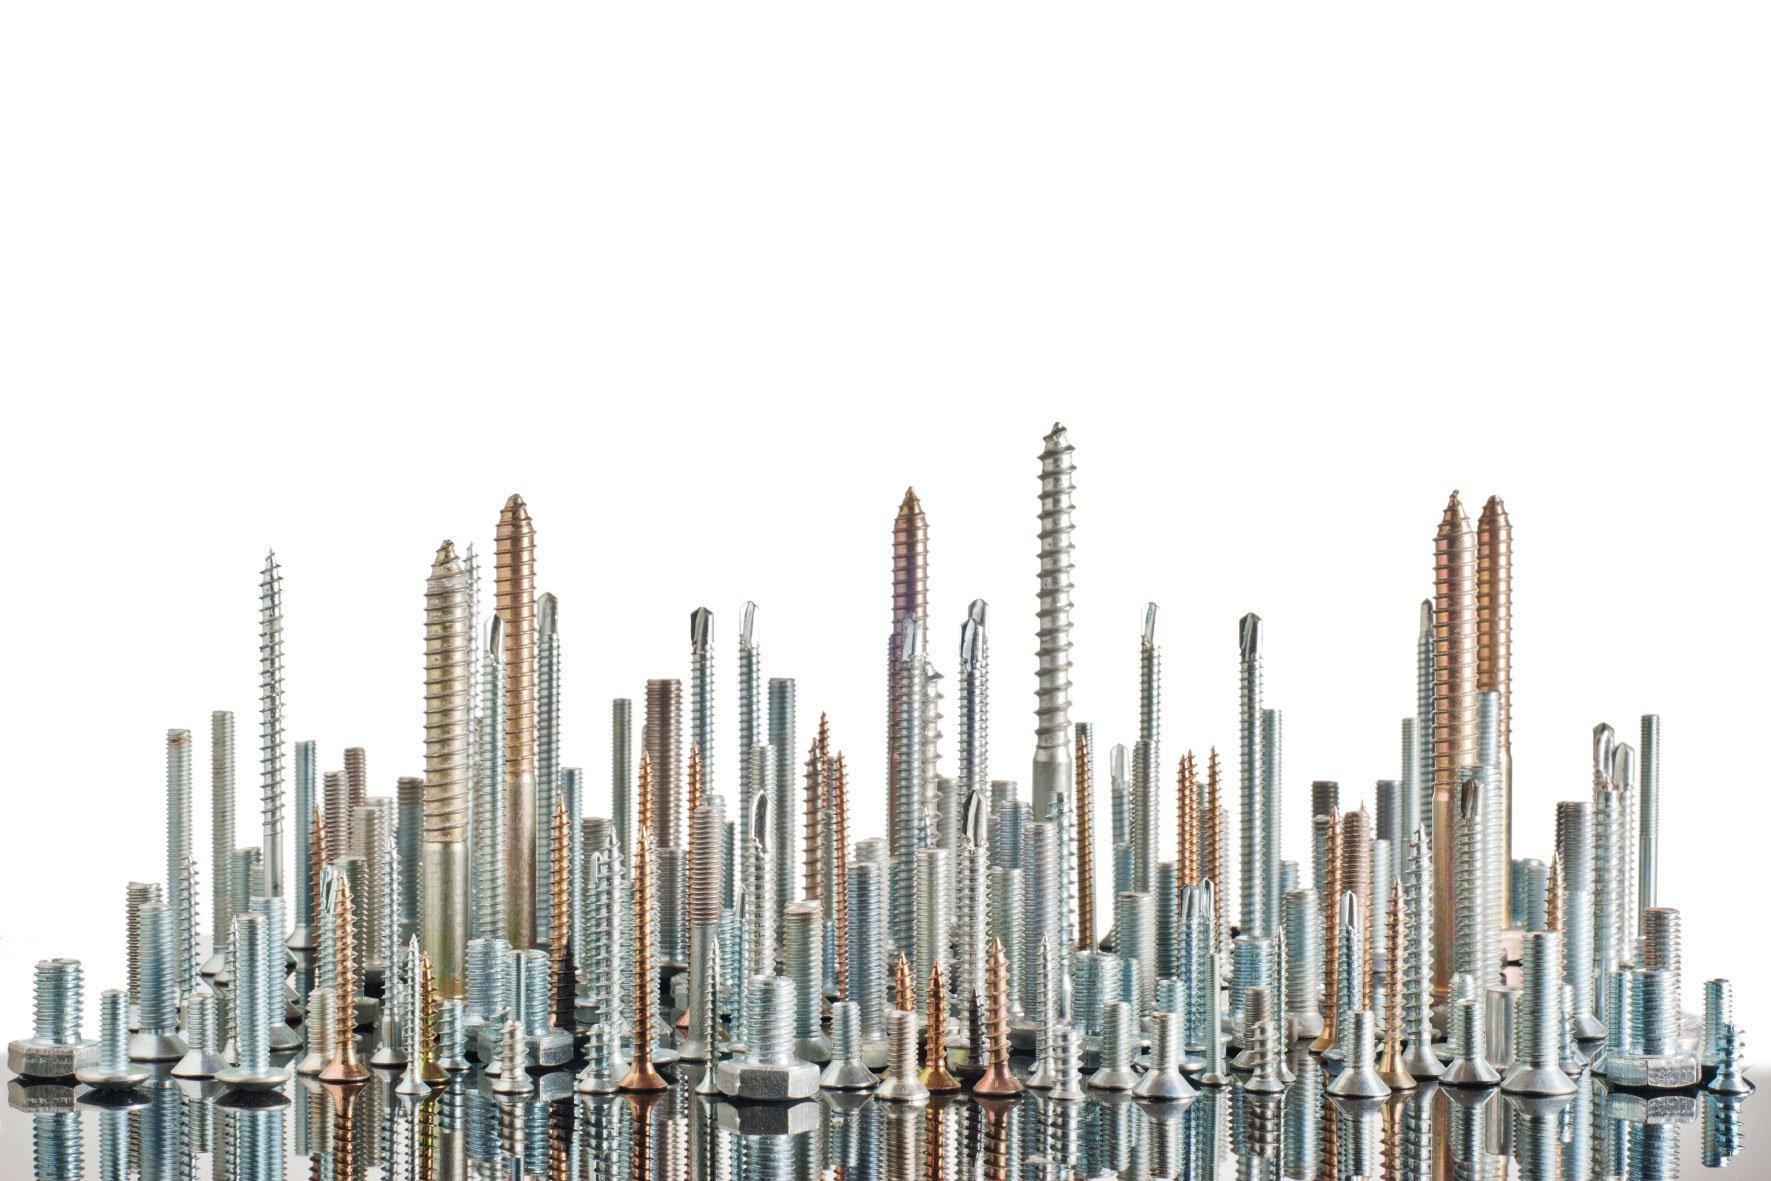 Træskruer, metalskruer, pladeskruer, specialskruer